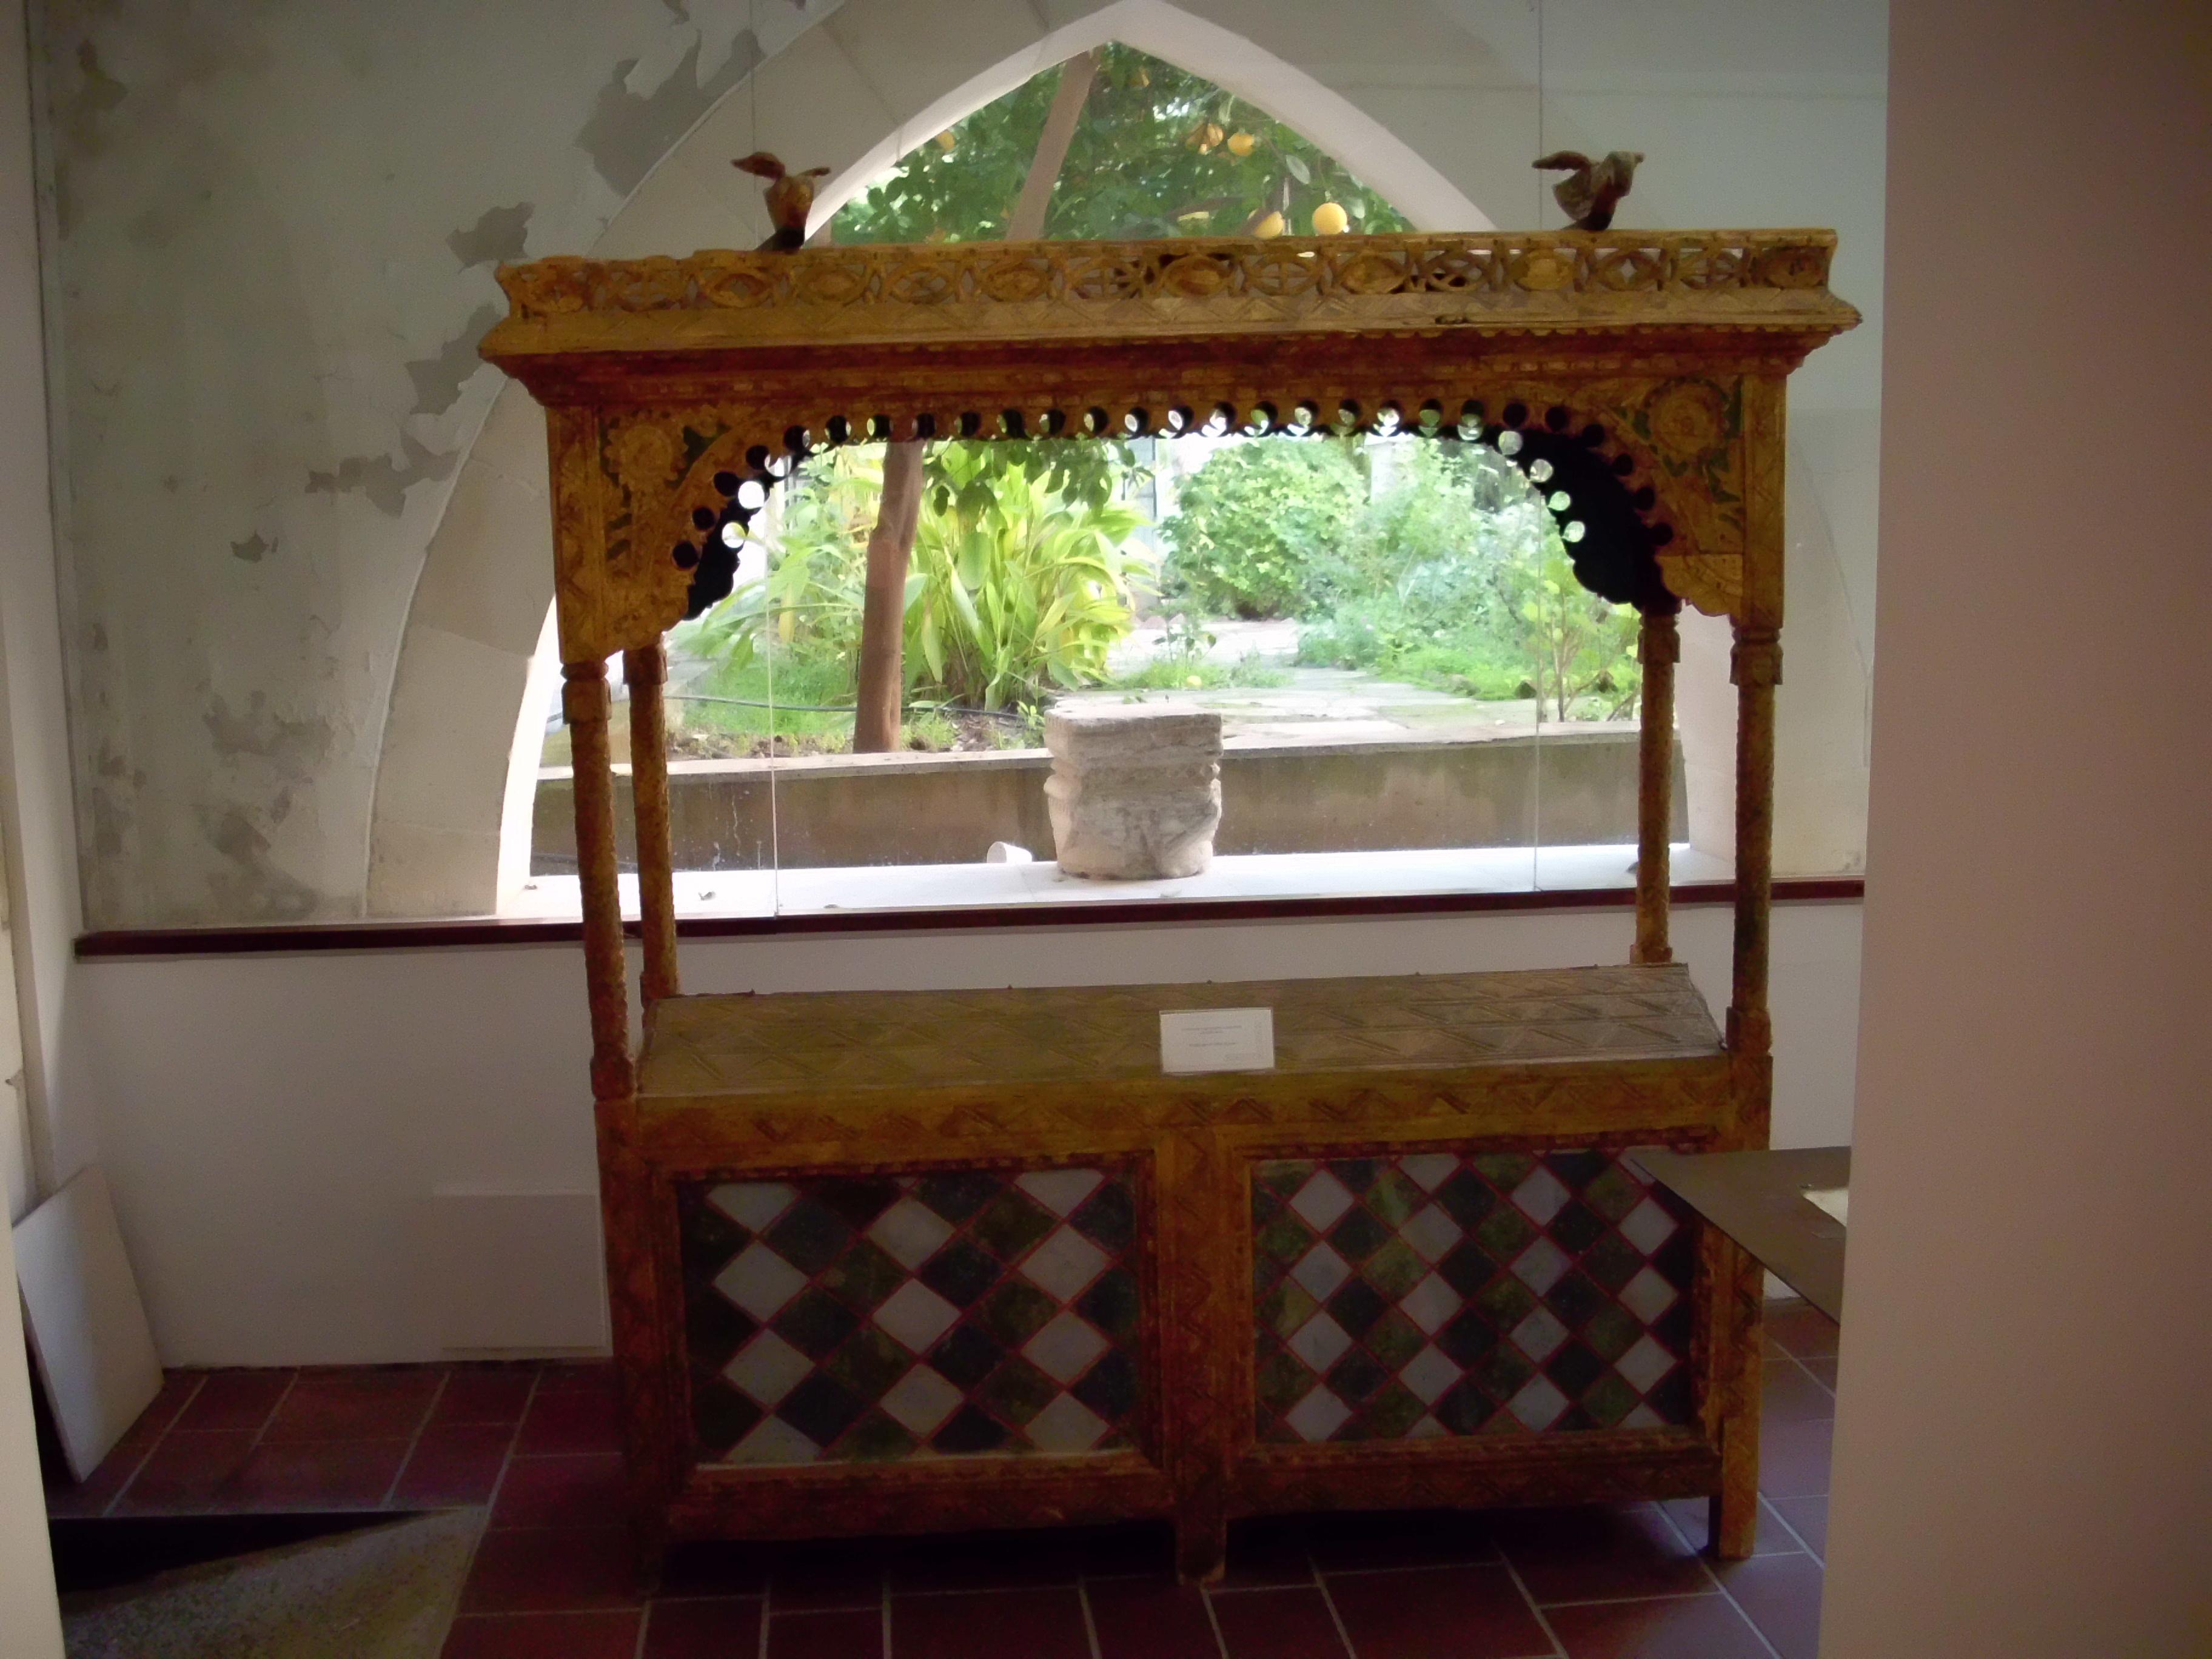 File:Antiker Schrank im Museum - panoramio.jpg - Wikimedia Commons